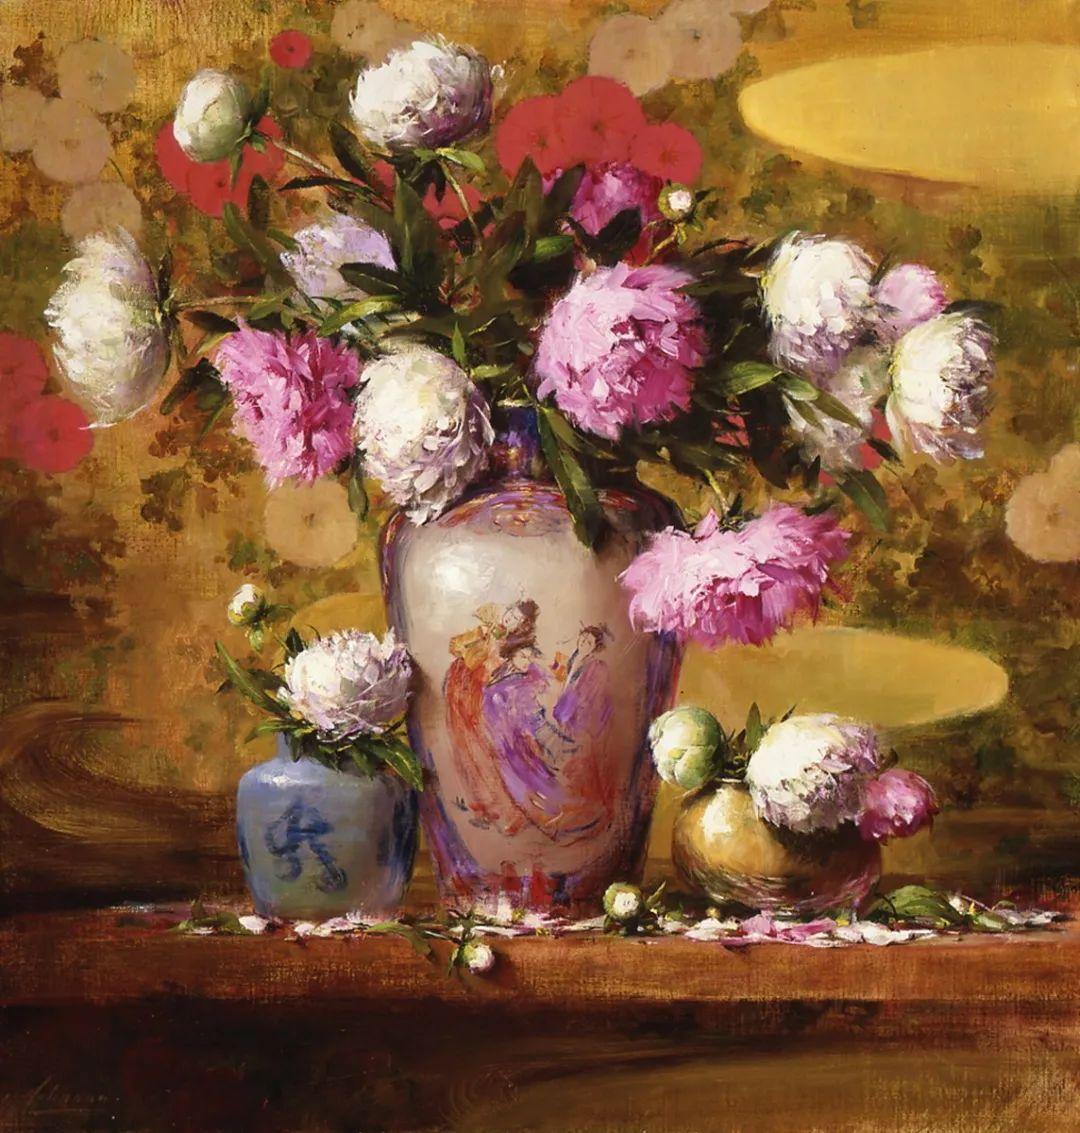 罗伯特·约翰逊笔下精美的风景、花卉油画插图81